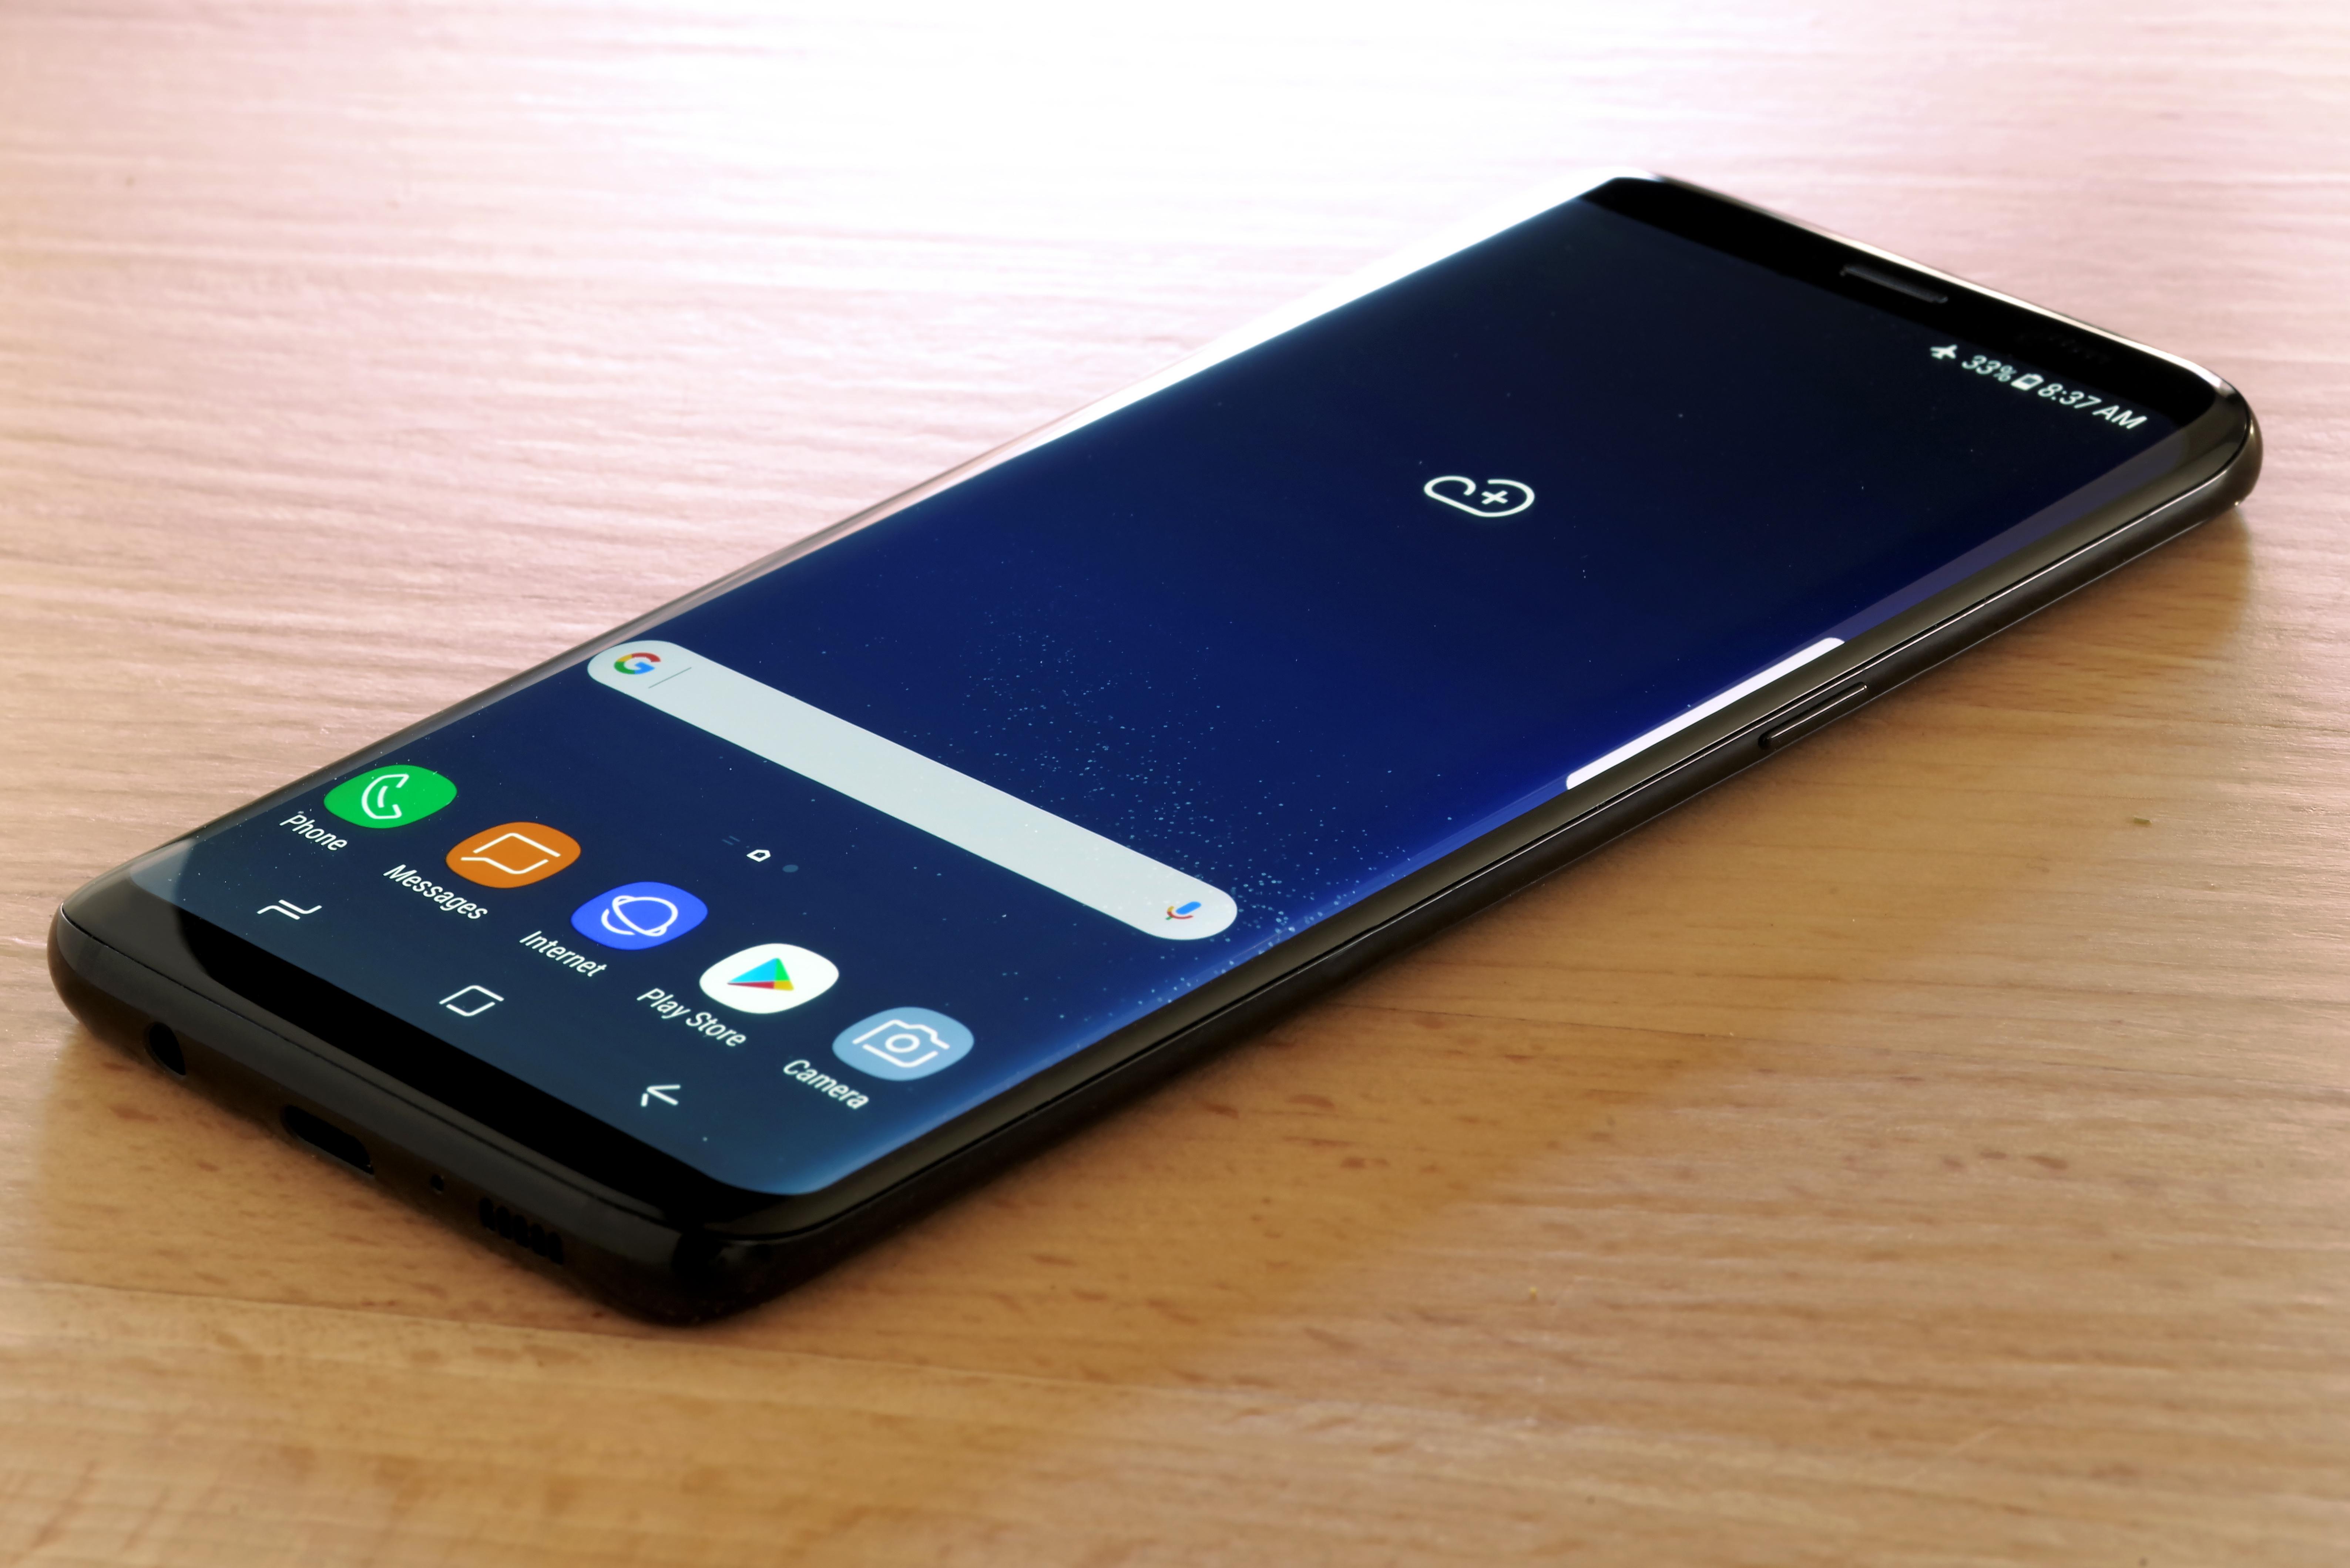 早くも「Galaxy S9/S9+」が1月のCESで登場か? 新型のSnapdragon 845、S9+はデュアルカメラを搭載